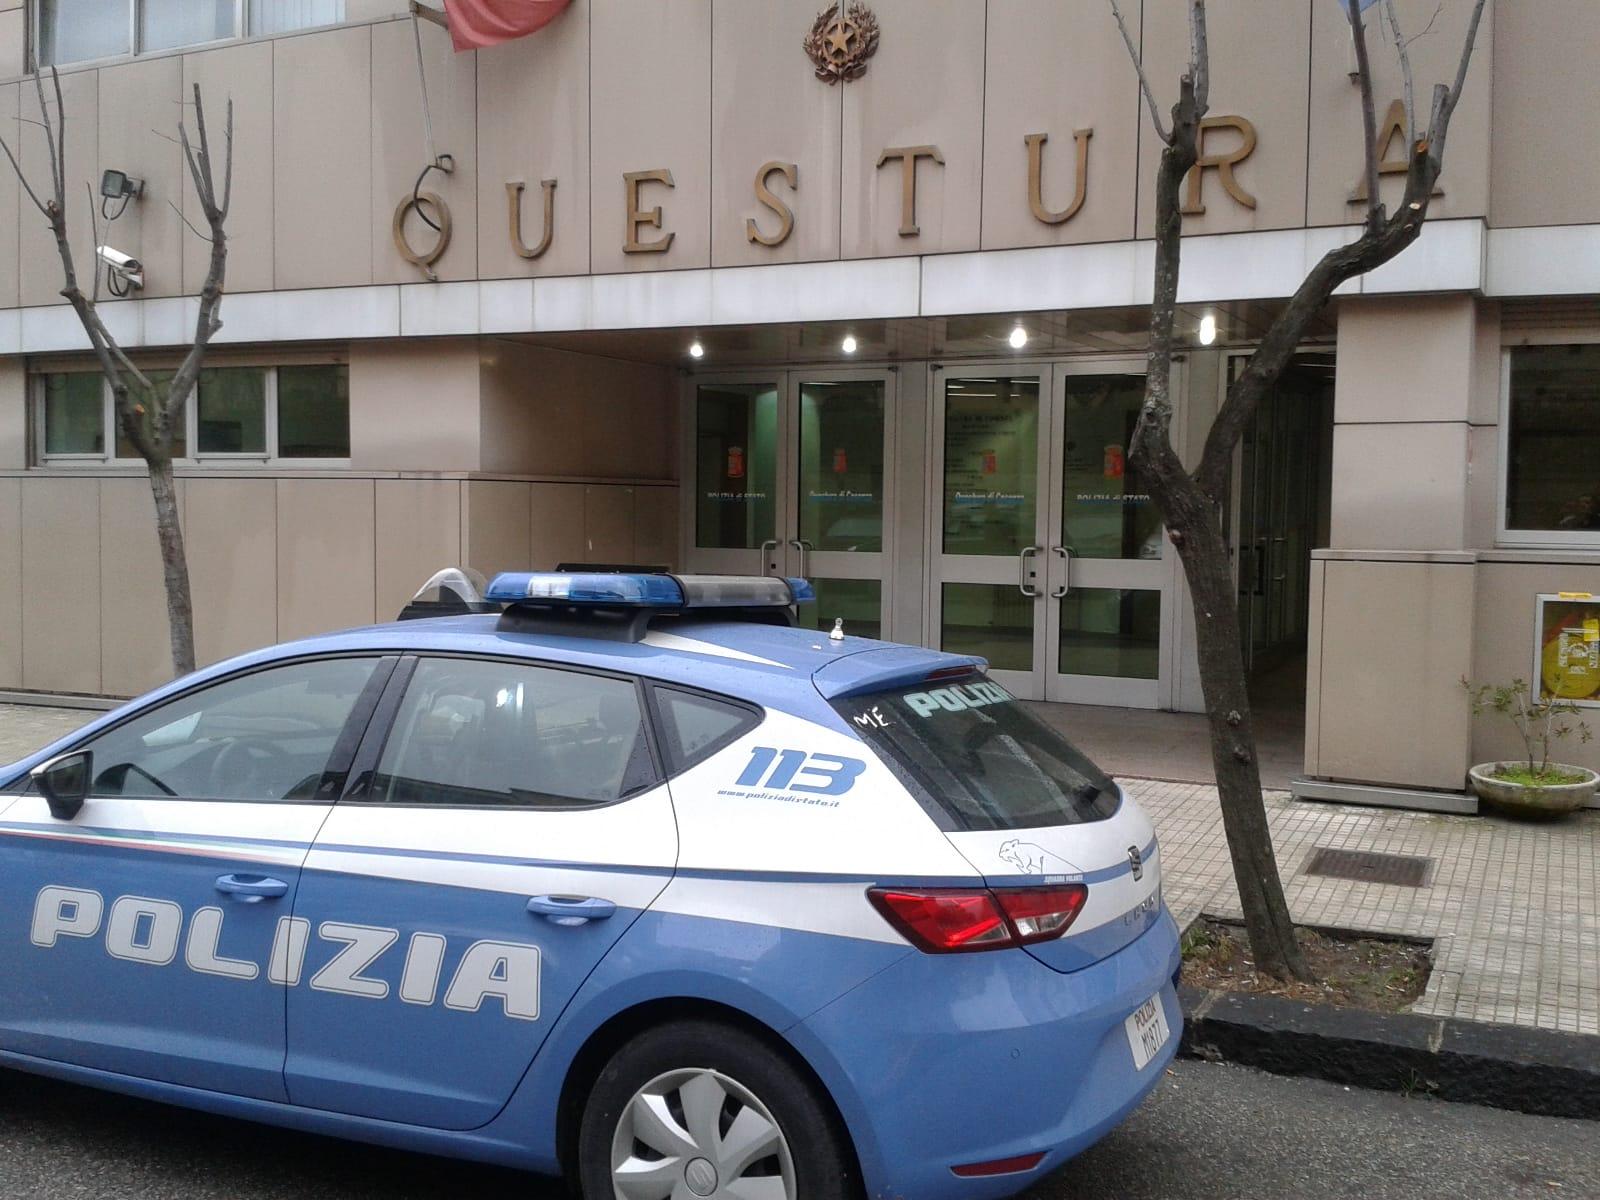 La polizia di Cosenza: «Controlli serrati nelle aree turistiche, saremo al fianco dei cittadini»